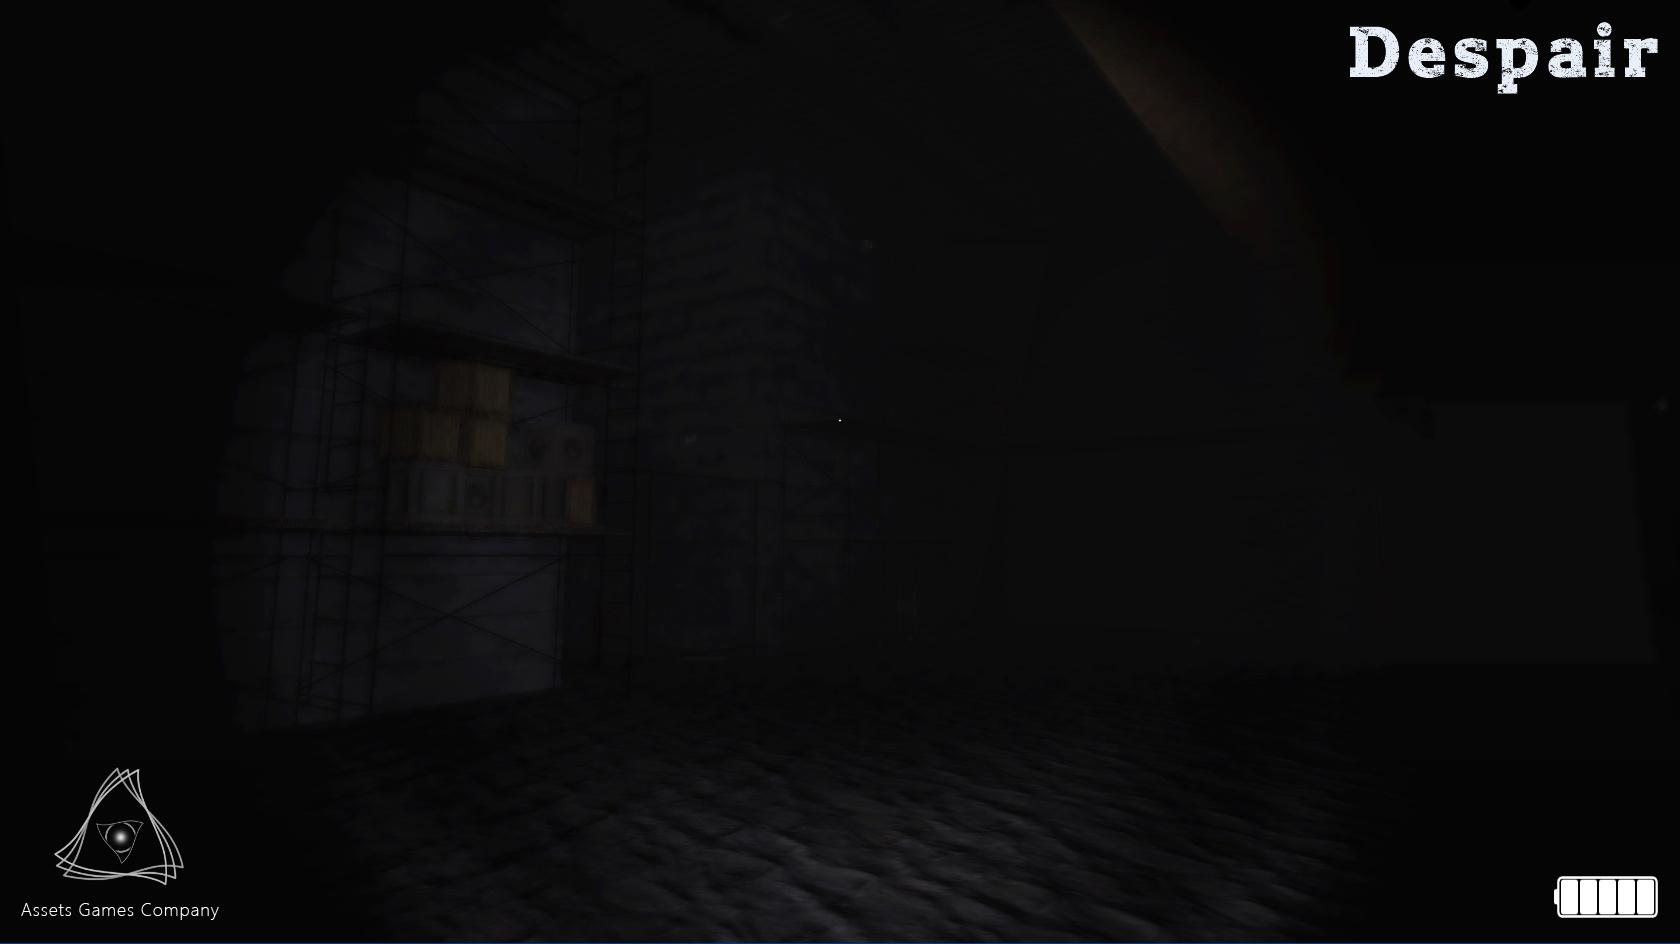 Despair screenshot